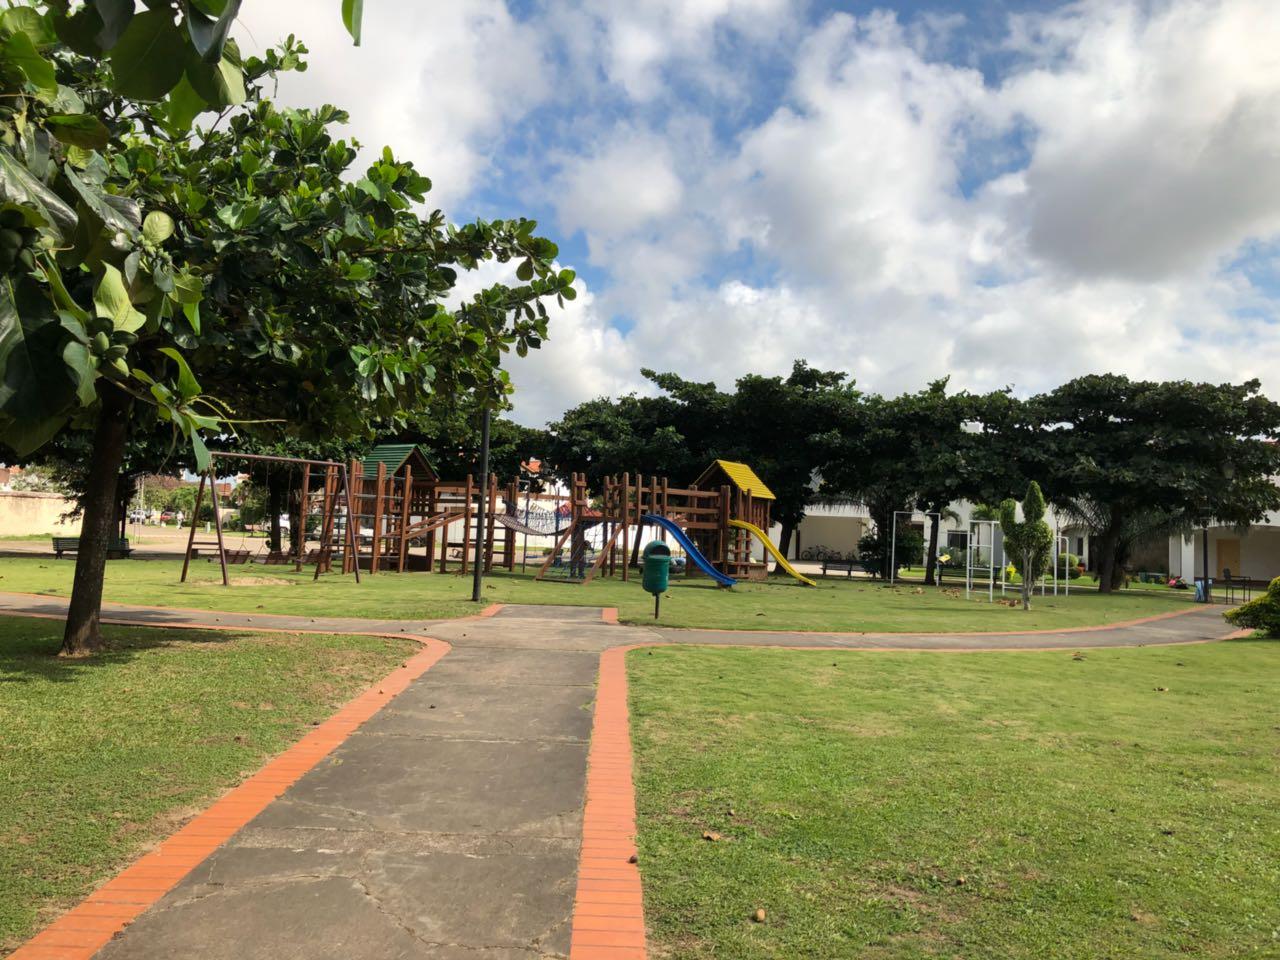 Casa en Alquiler CASA EN ALQUILER, URBANIZACIÓN LA HACIENDA I, ENTRE AV. BENI Y BANZER 5TO ANILLO Foto 5